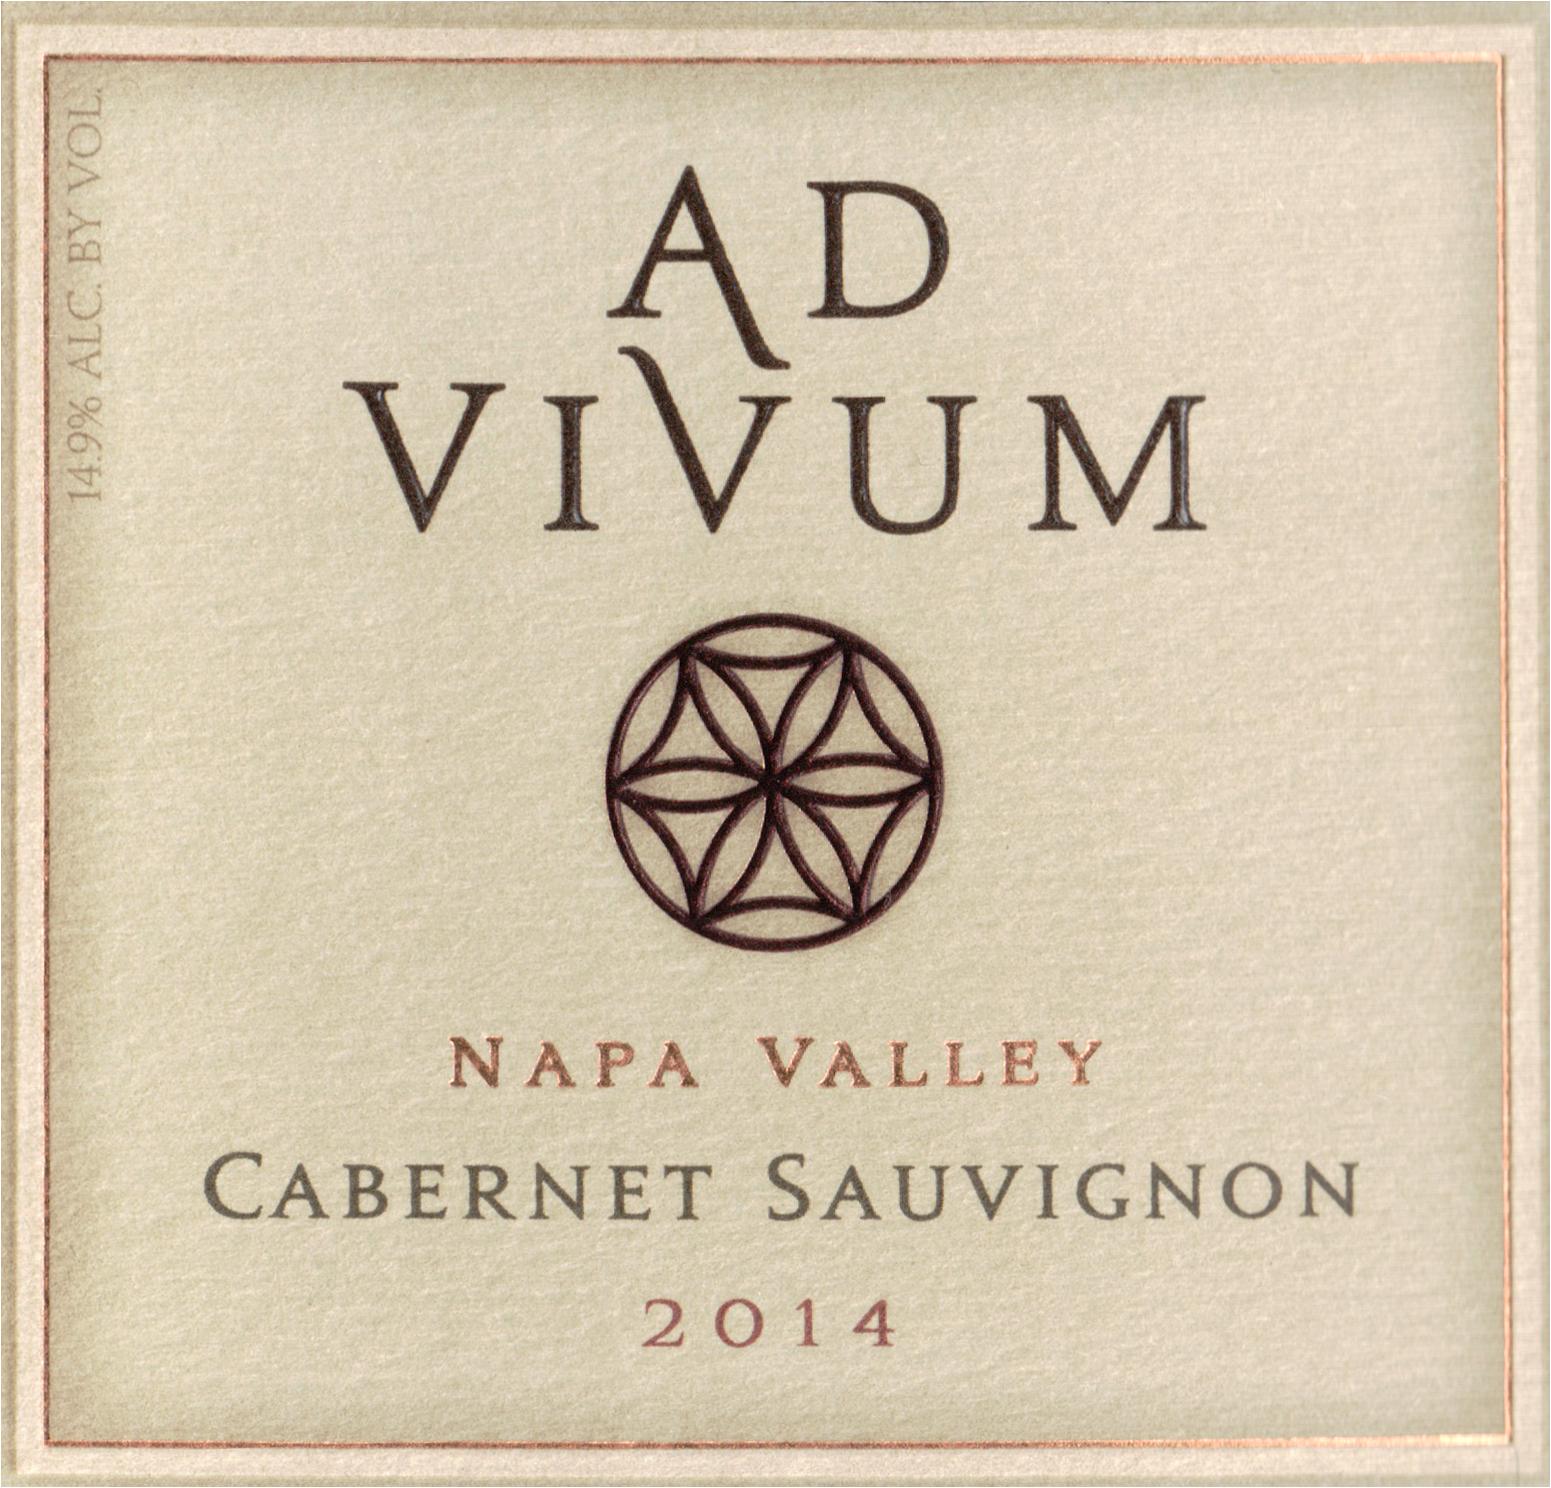 Ad Vivum Cabernet Sauvignon Napa Valley 2014